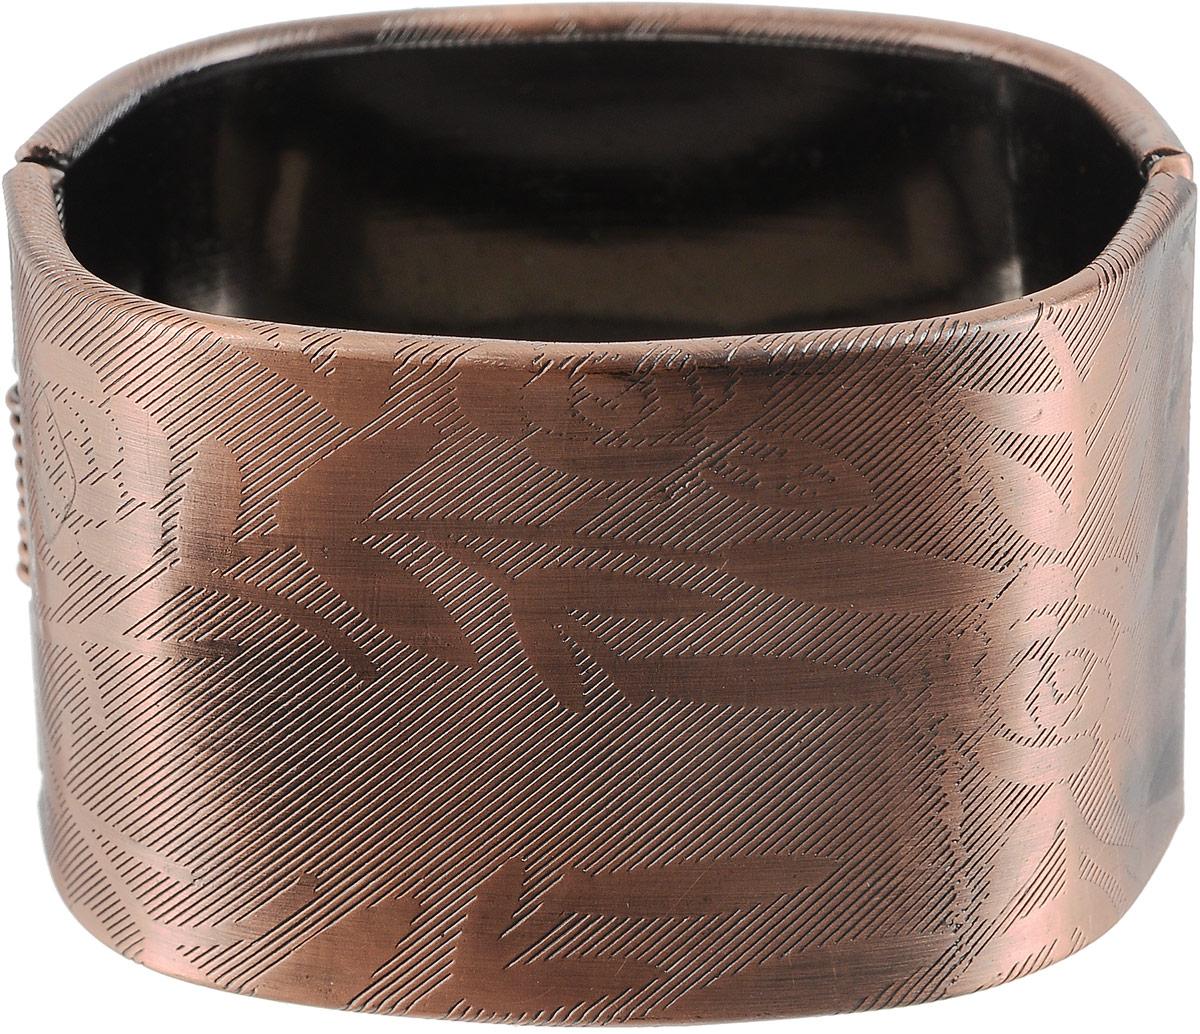 Браслет женский Art-Silver, цвет: медный. 50-03506053-232Глидерный браслетБраслет Art-Silver выполнен из бижутерного сплава и оформлен гравировкой в виде цветов. Модель застегивается на шарнирный замок.